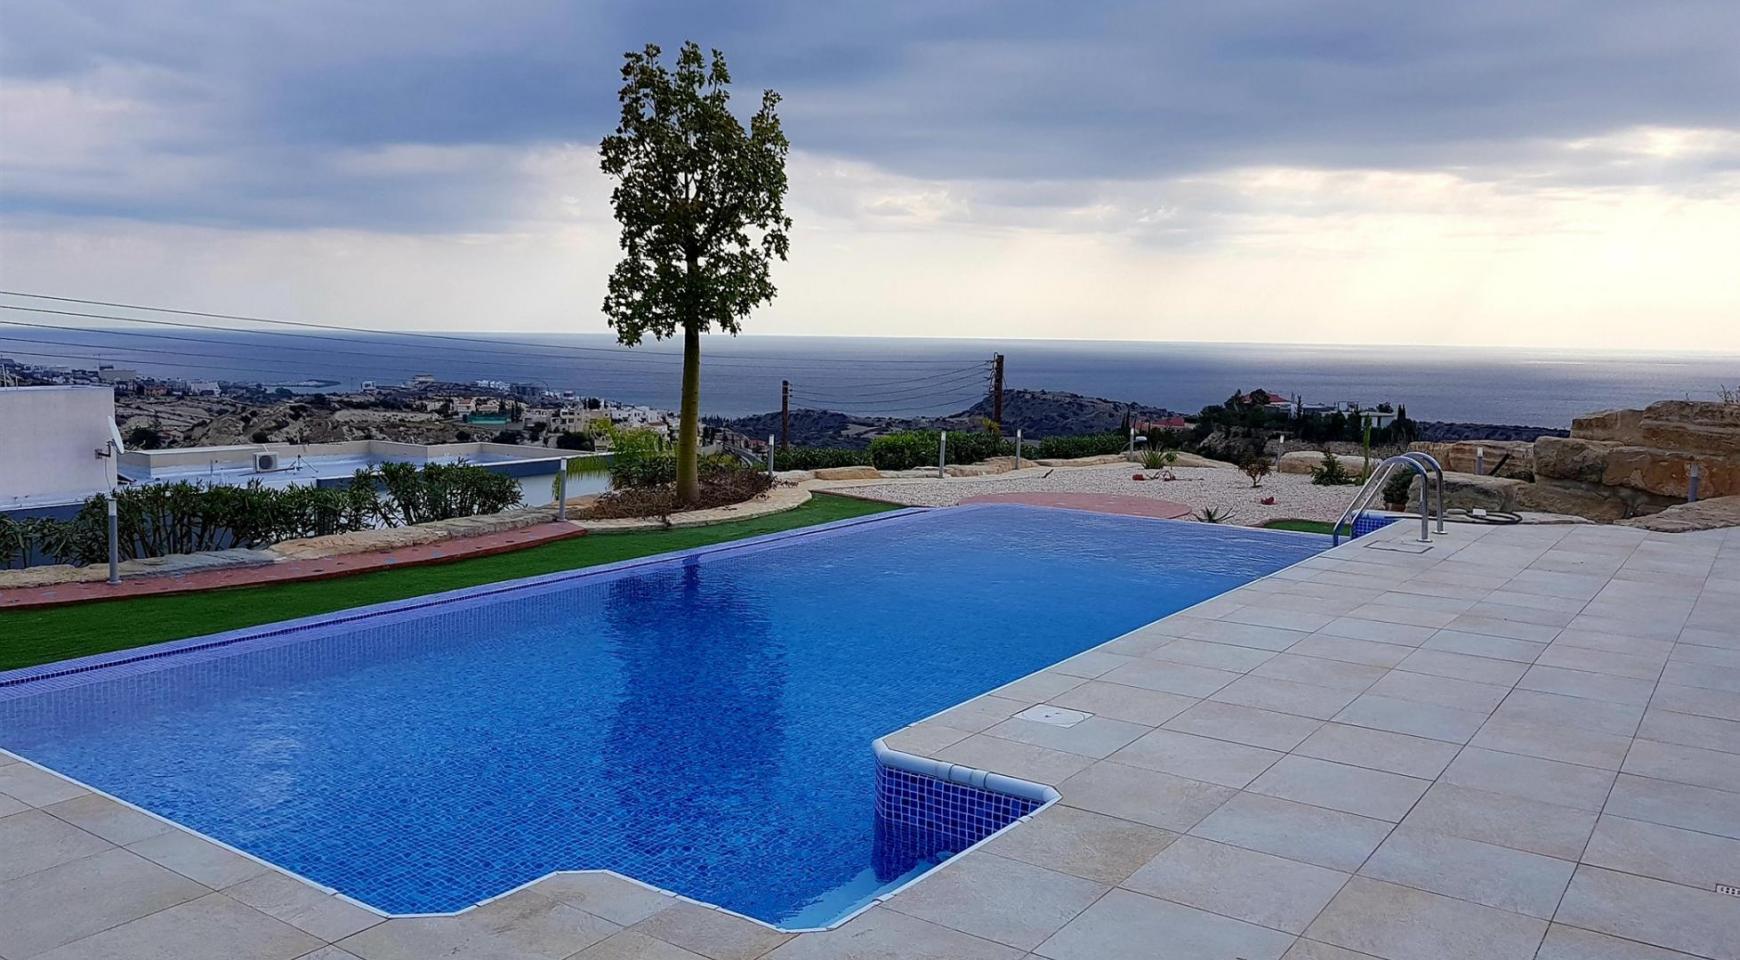 6 Bedroom Villa with Breathtaking Sea Views - 6